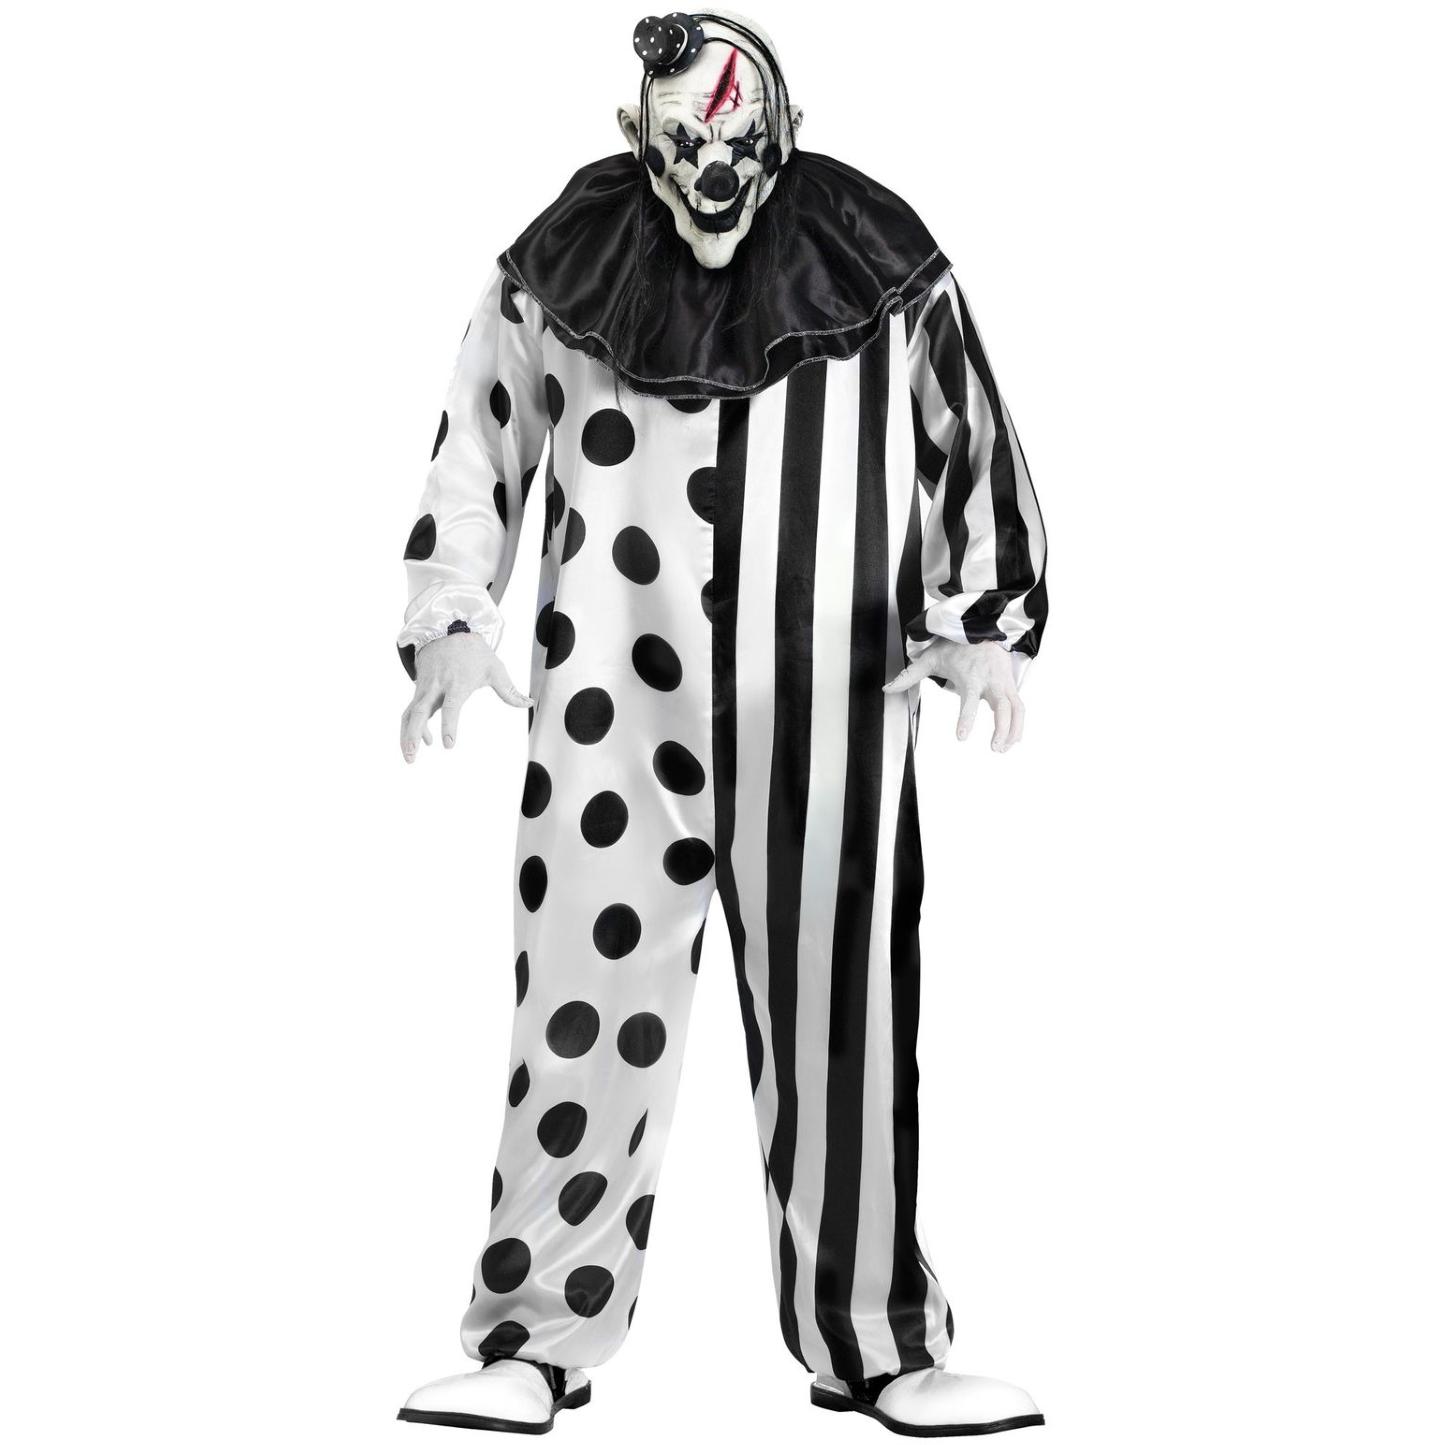 Killer Clown Costume.